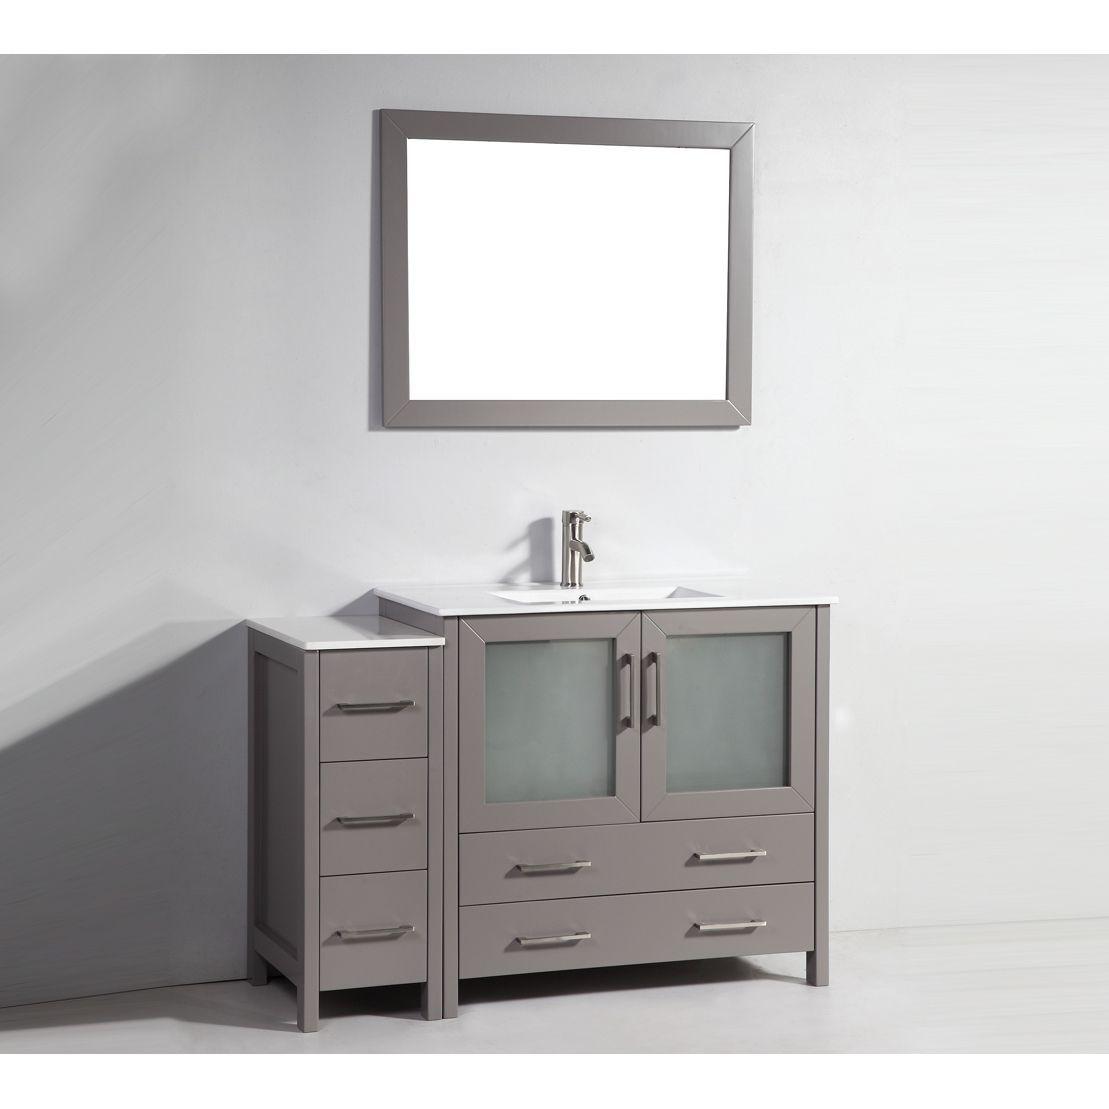 Vanity Art Single Sink 48 Inch Bathroom Set With Ceramic Top Espresso Brown Size Vanities